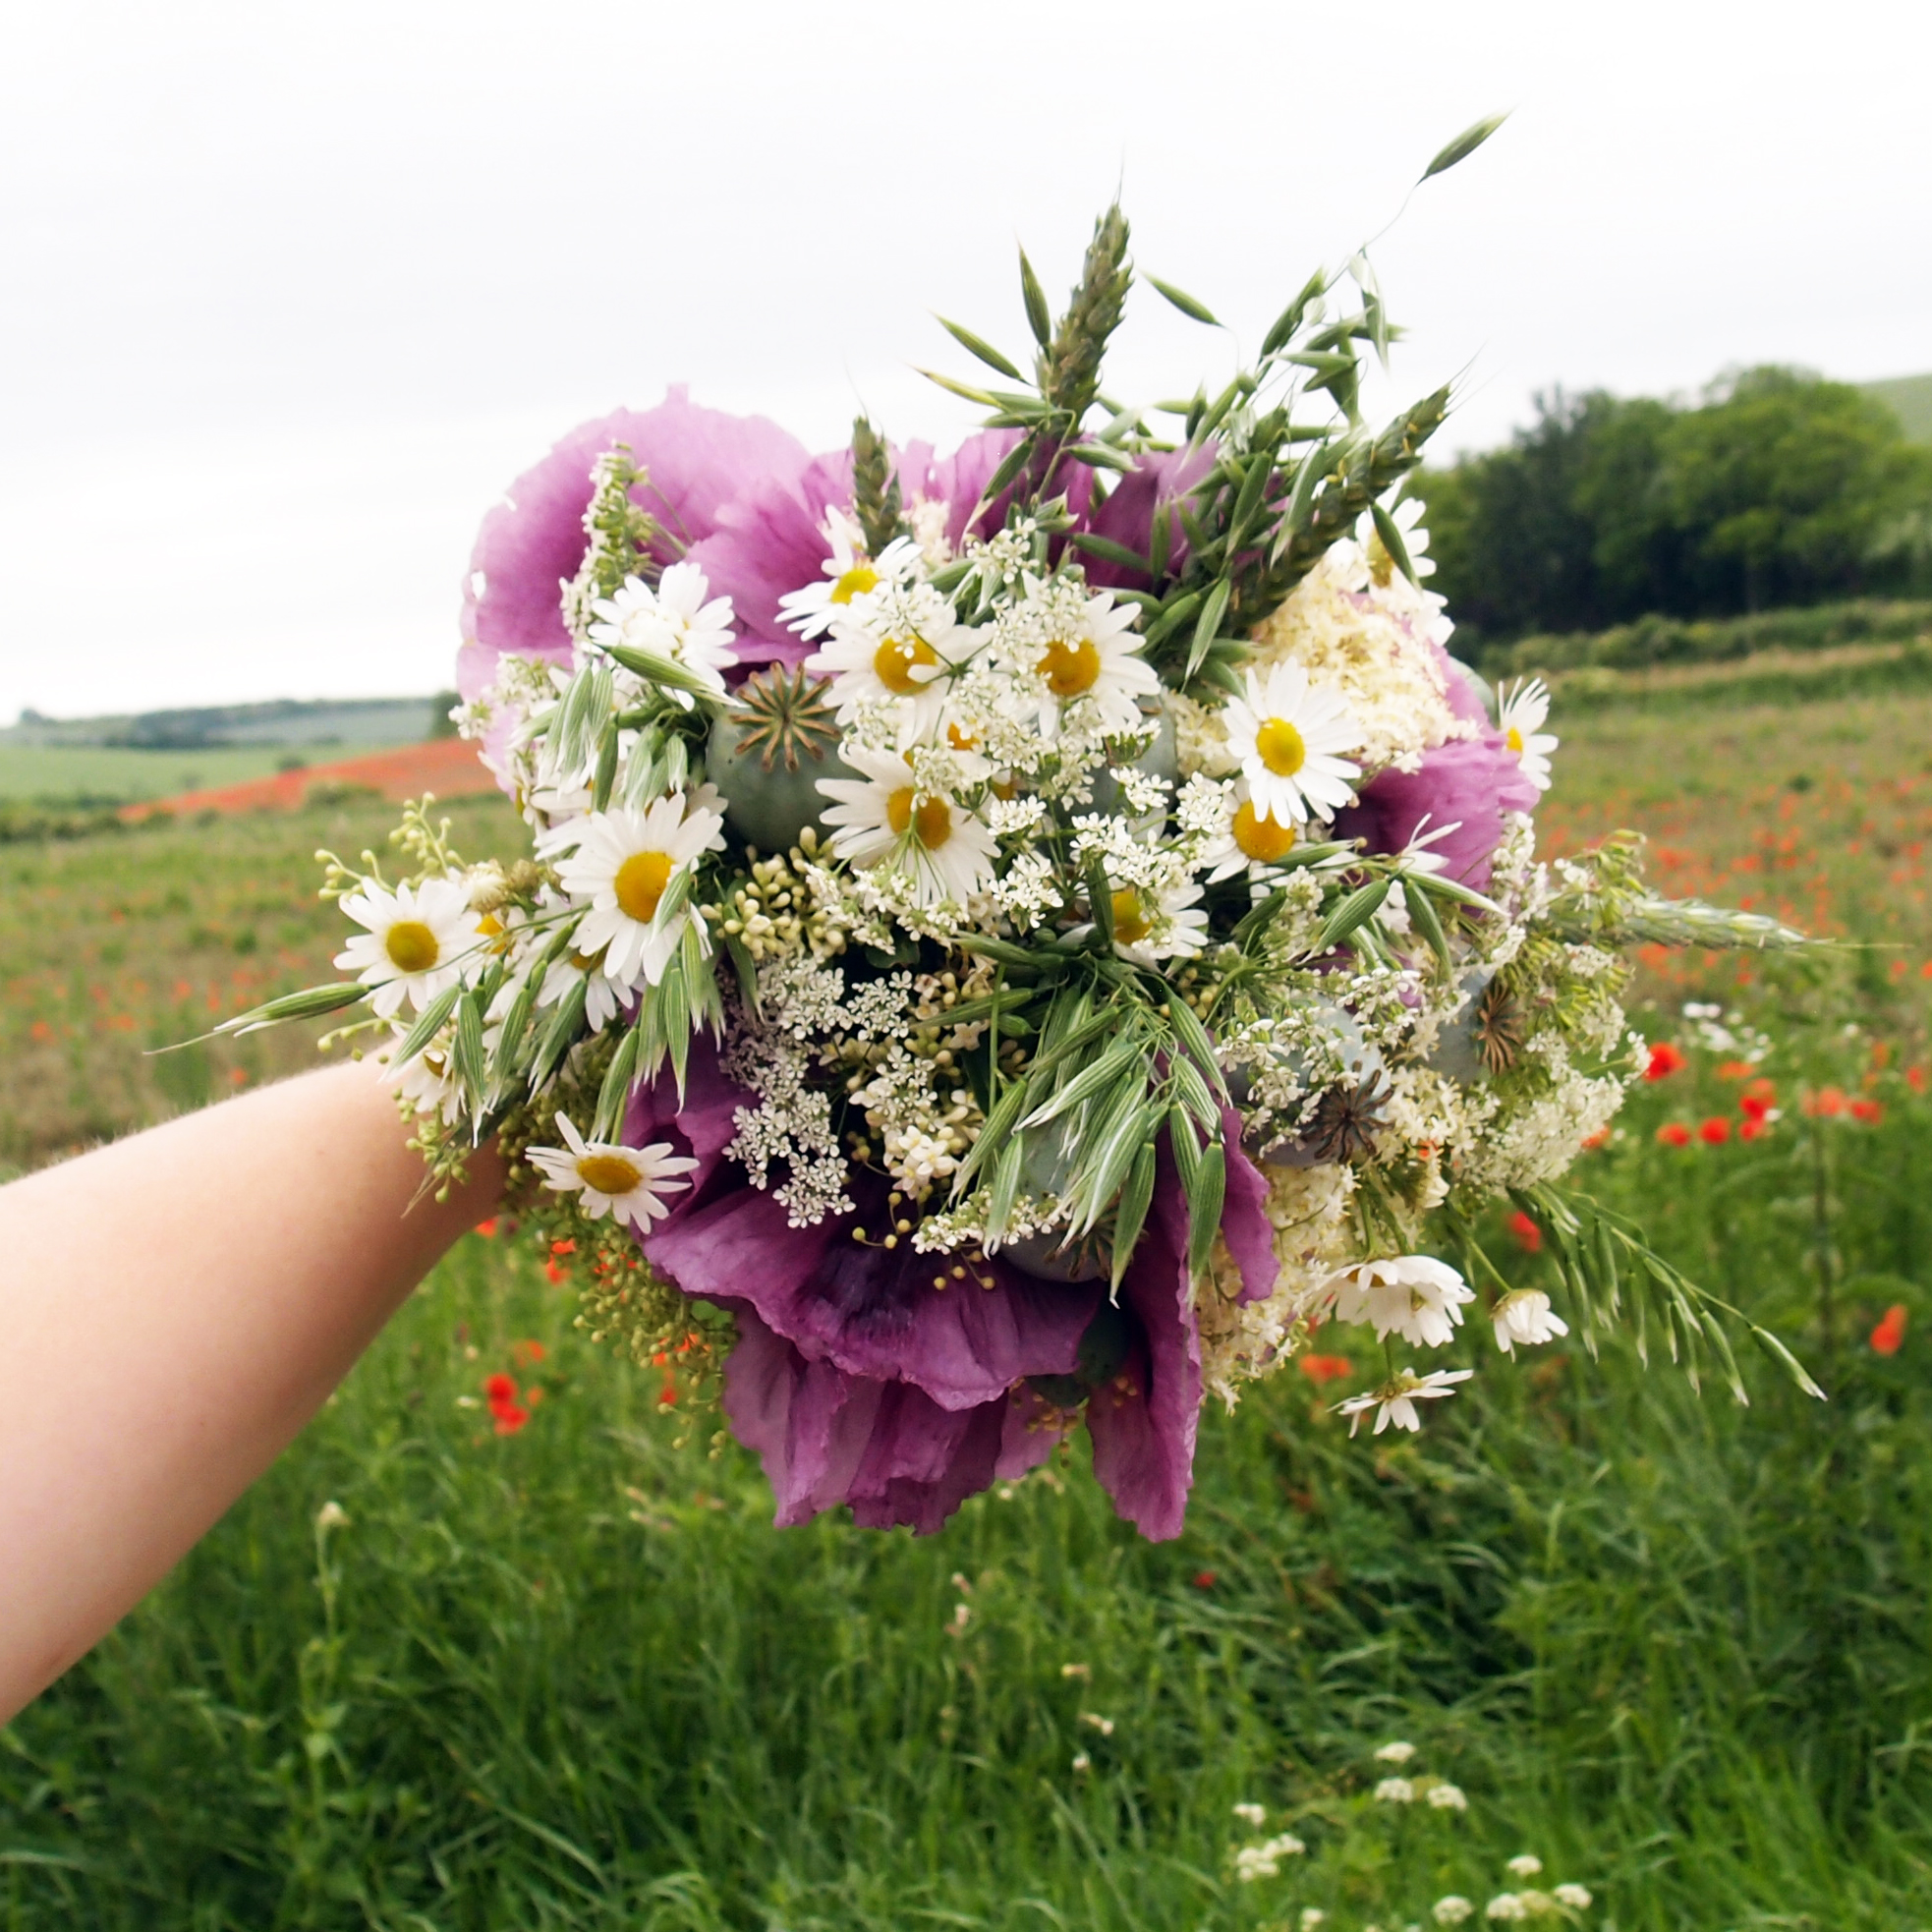 Květinový workshop - Už máte svůj lístek? Rychle mizí!